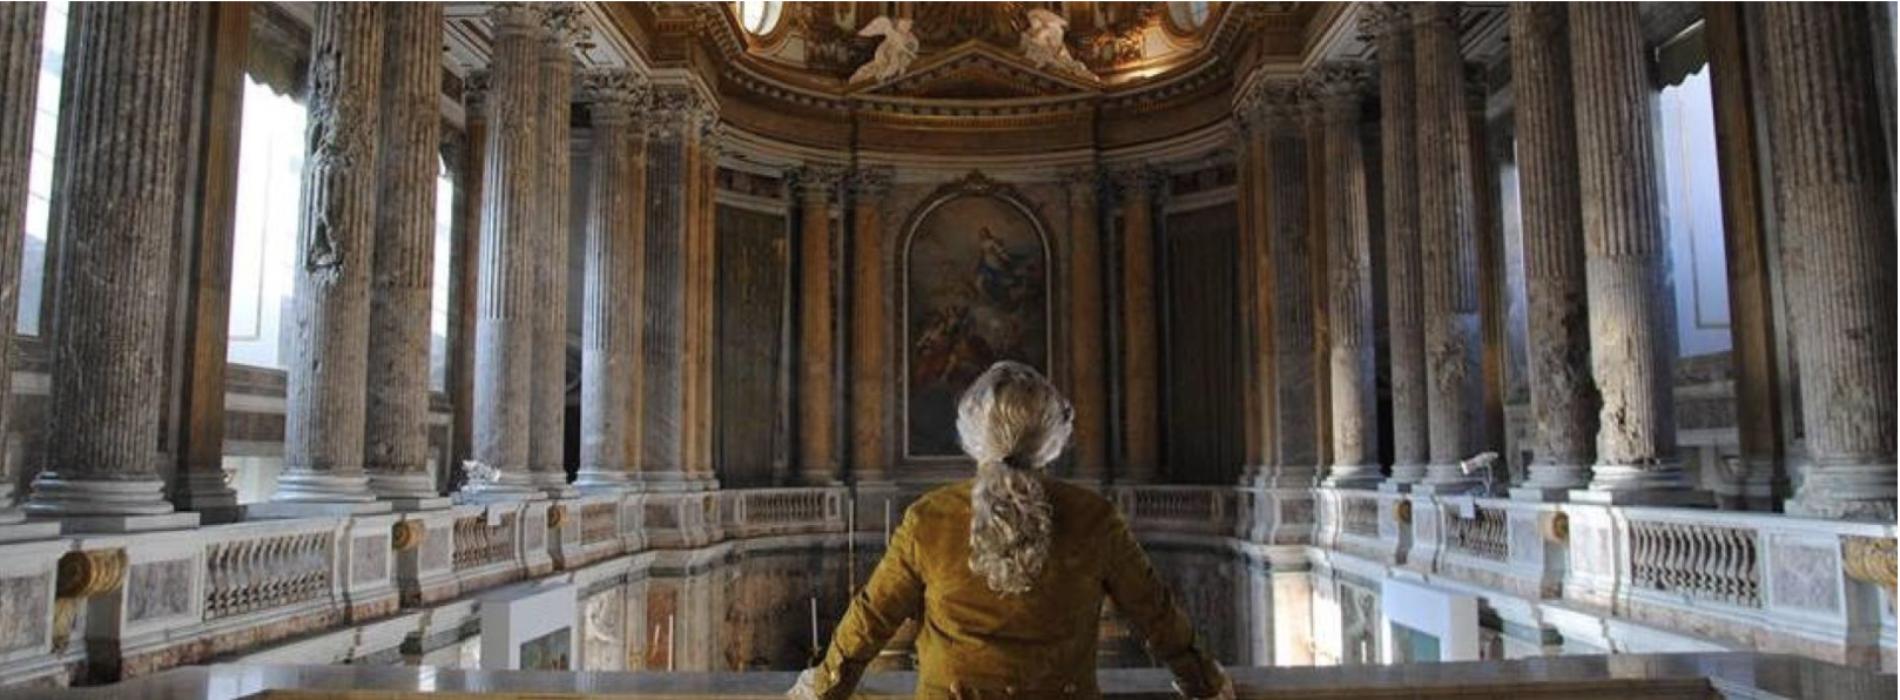 Primo marzo 1773, moriva l'archistar di corte Luigi Vanvitelli